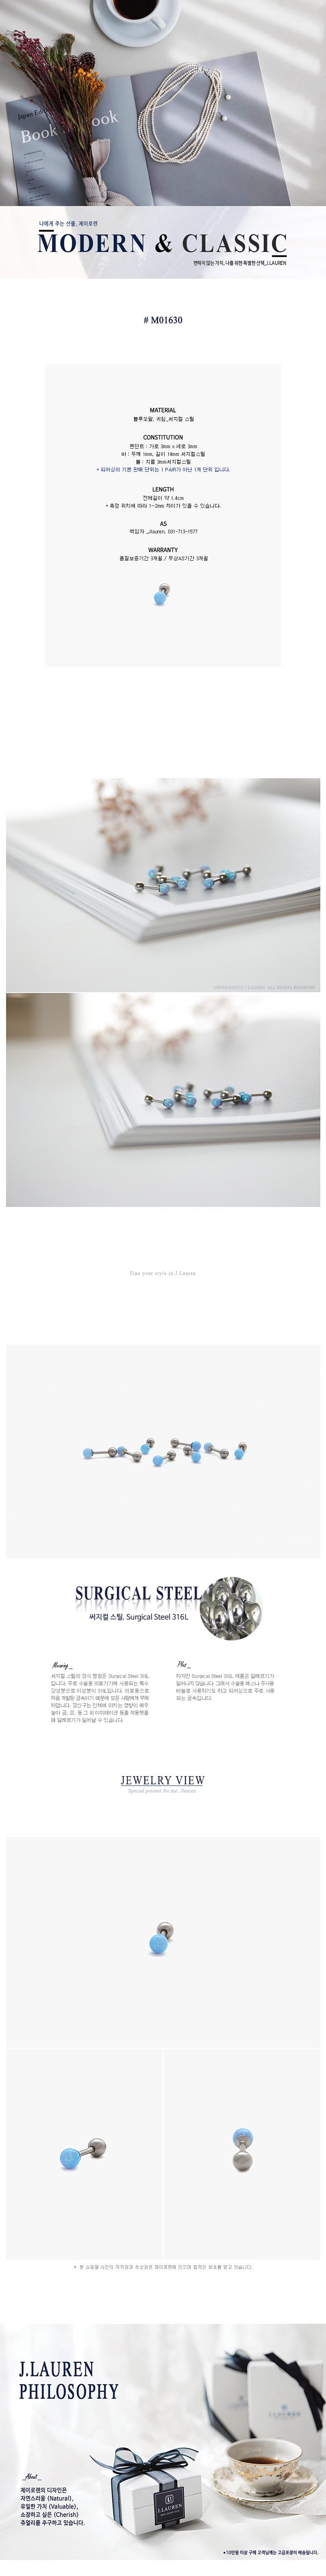 제이로렌 M01630 라운드 블루오팔 10월탄생석 피어싱 - 바이데이지, 12,000원, 실버, 이어커프/피어싱